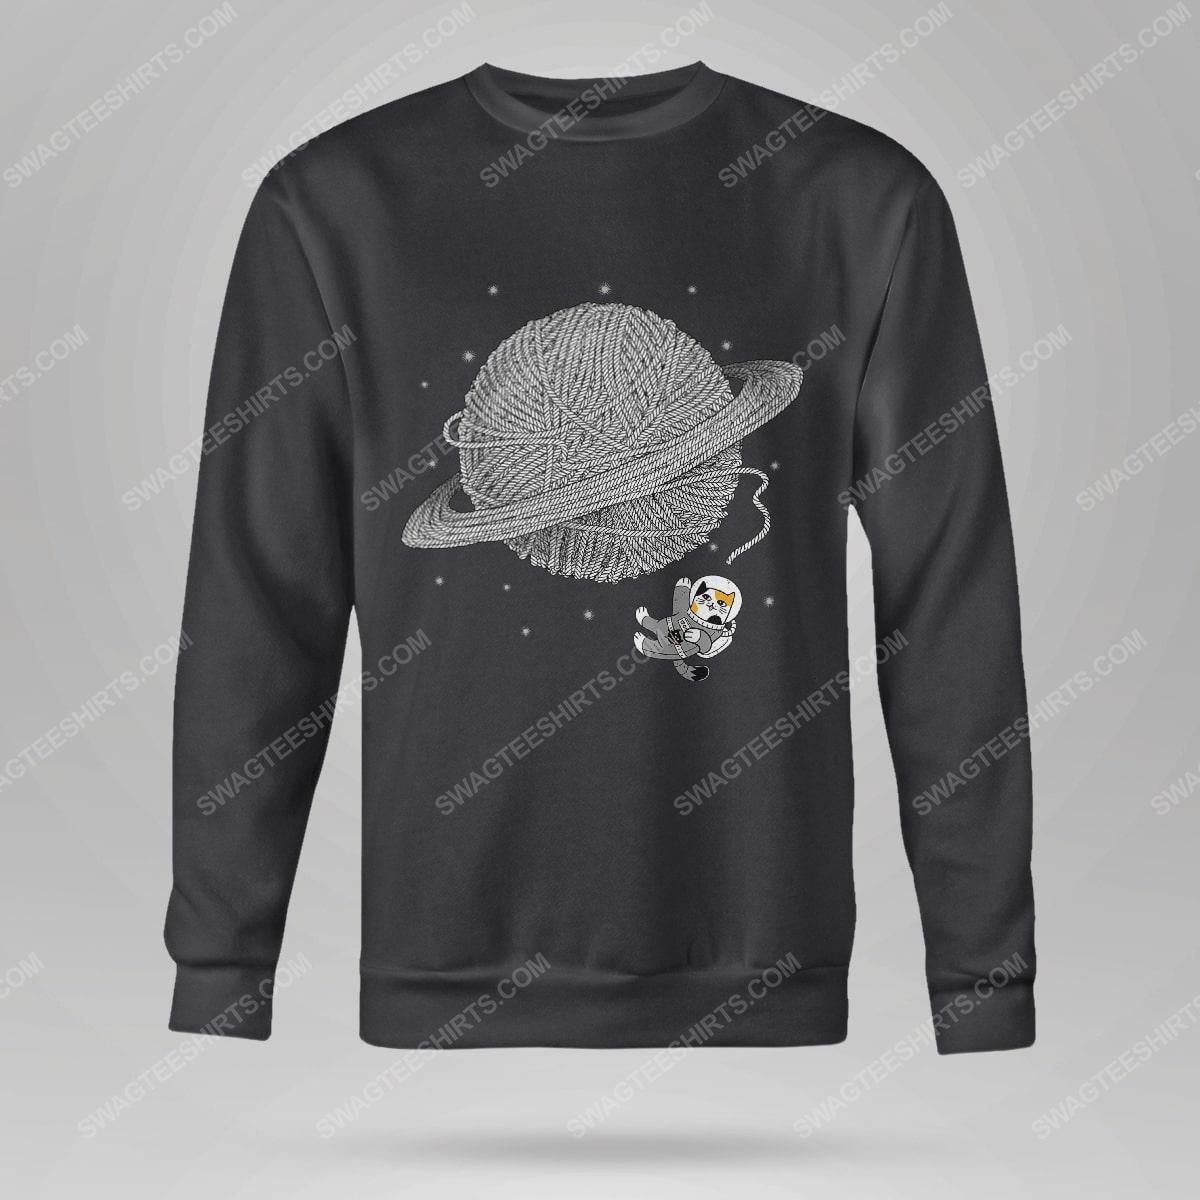 Astronaut and cat lover sweatshirt(1)